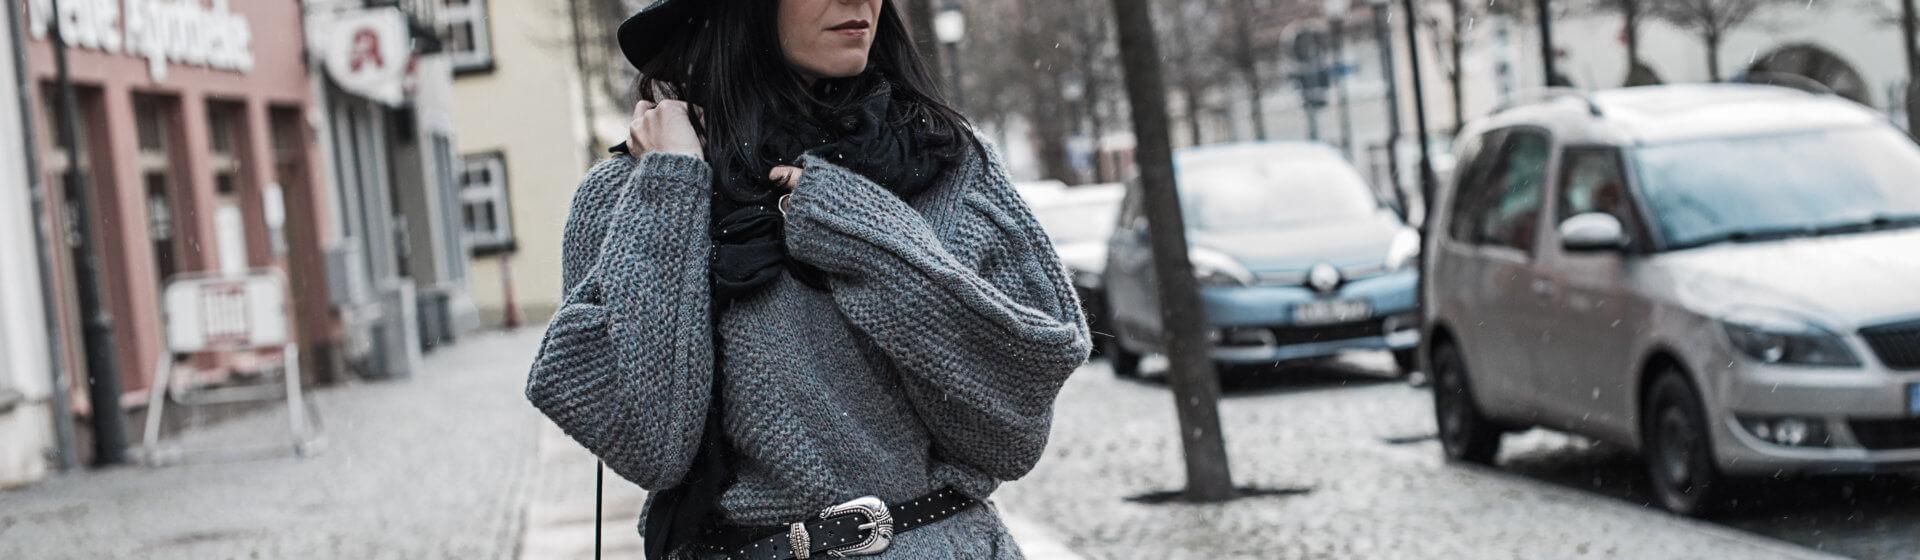 Grobstrick - gemütlich und stylish kombiniert Shoelove Deichmann